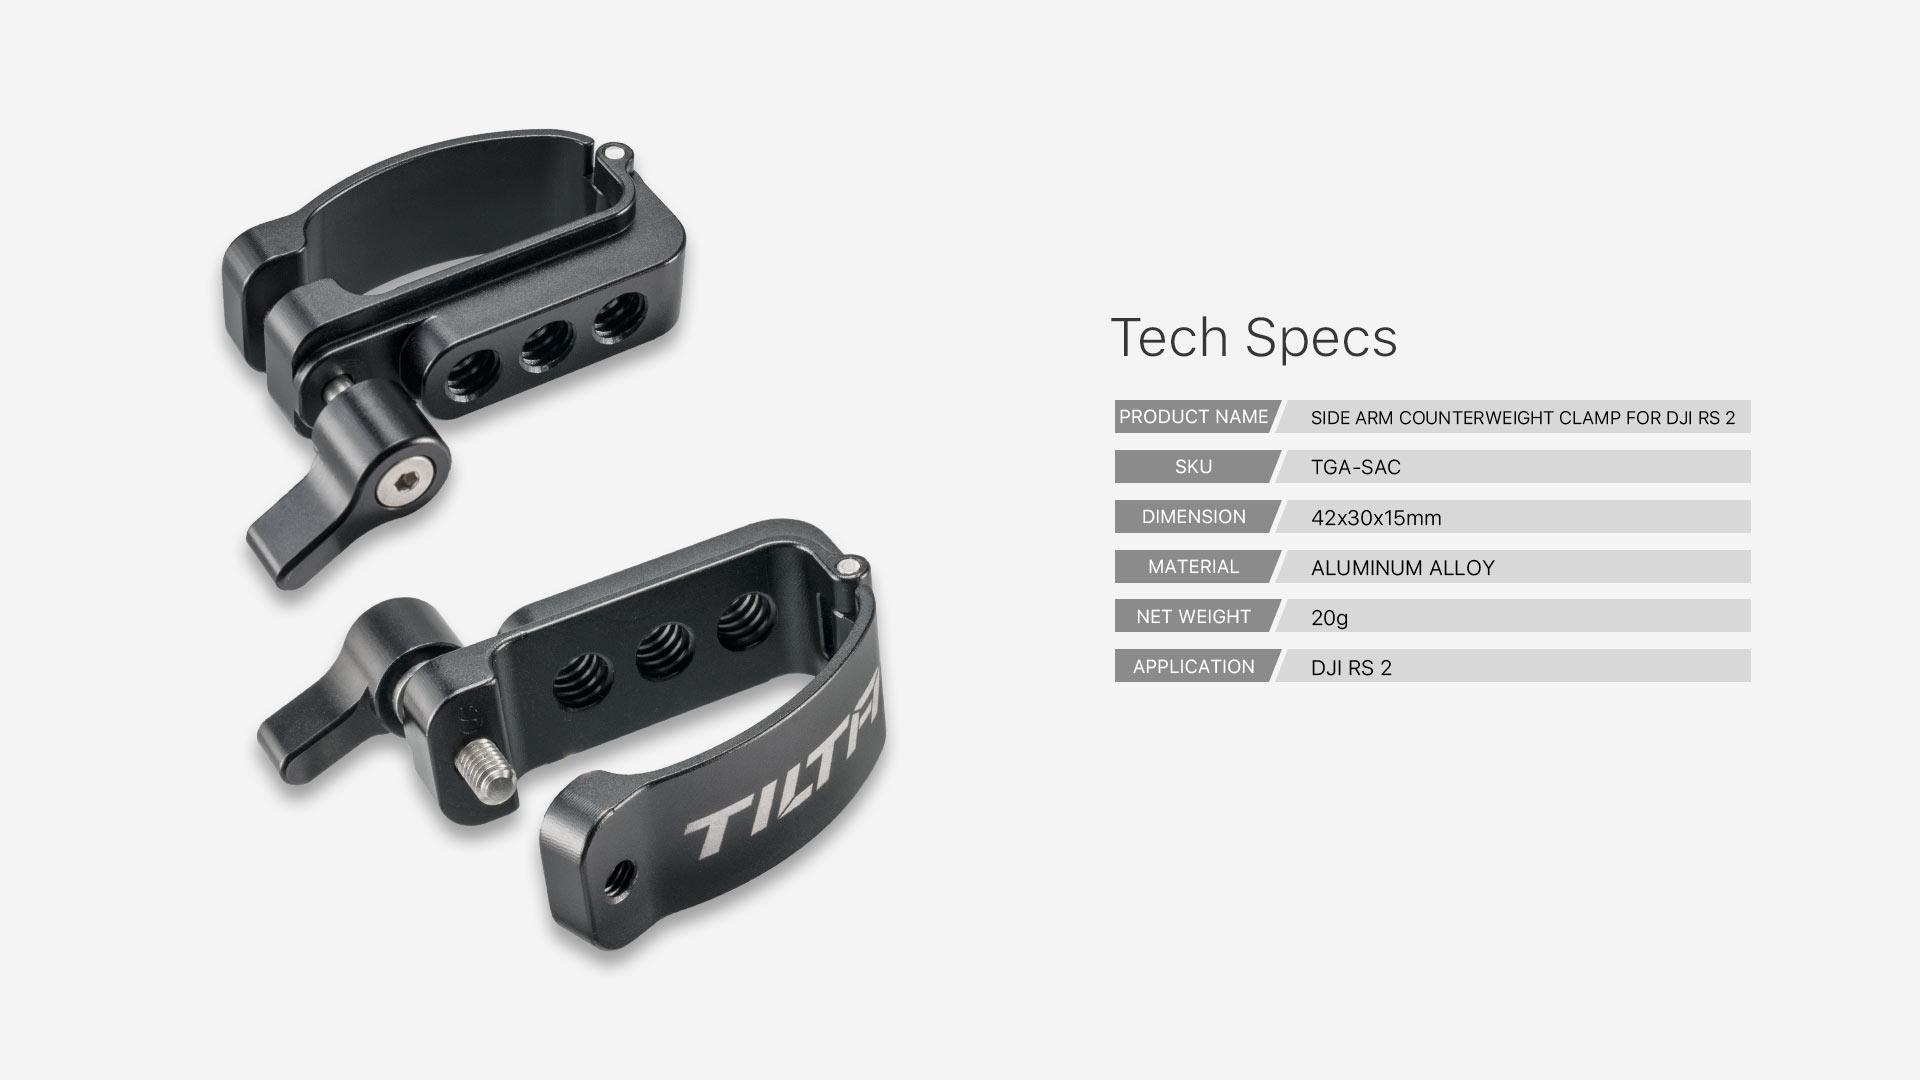 TGA-SAC tech specs